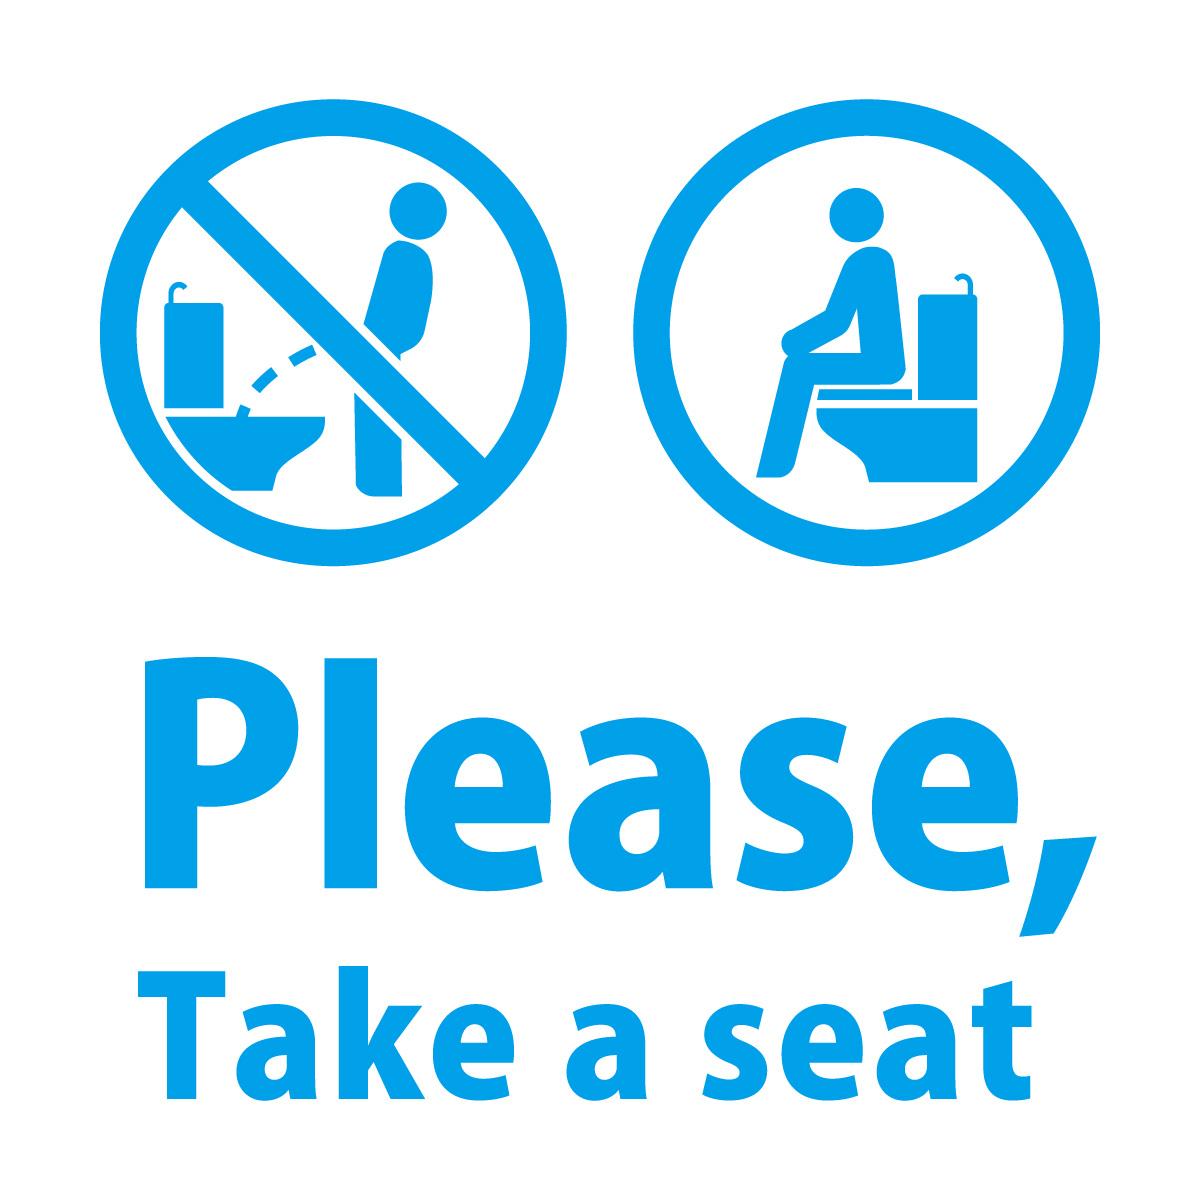 青色の英語 Please, Take a seat(洋式トイレに座って使用のお願い)カッティングステッカー・シール